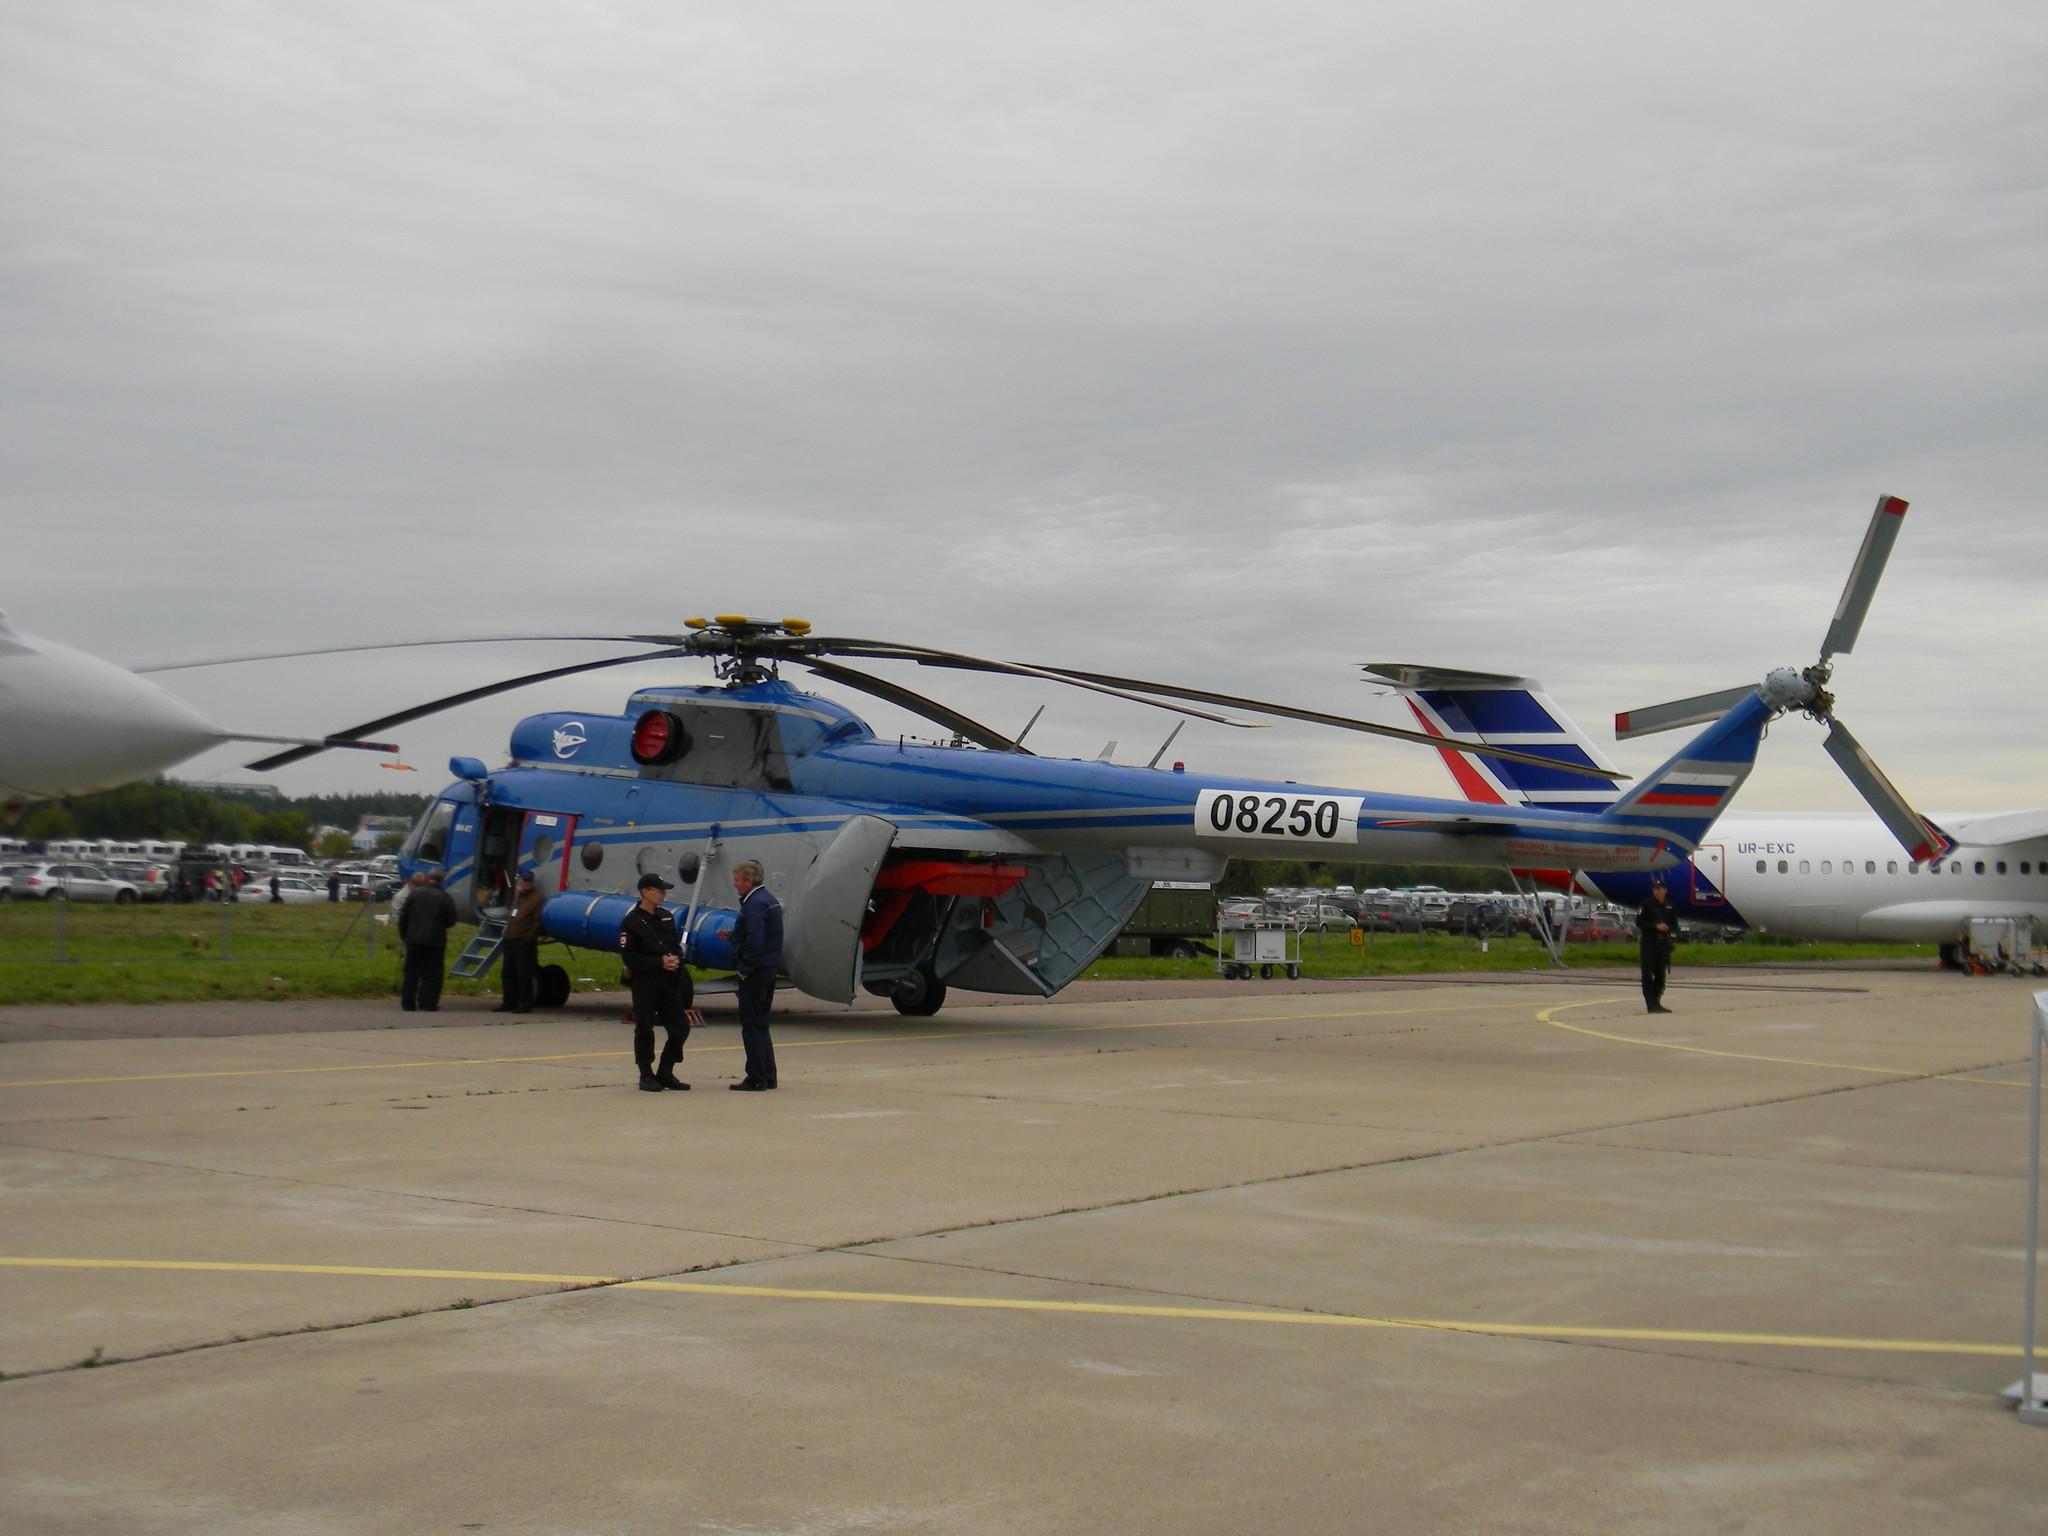 Летающая лаборатория Ми-8Т модель-демонстратор системы выливной авиационной универсальной (СВАУ) ЛИИ «Компакт»